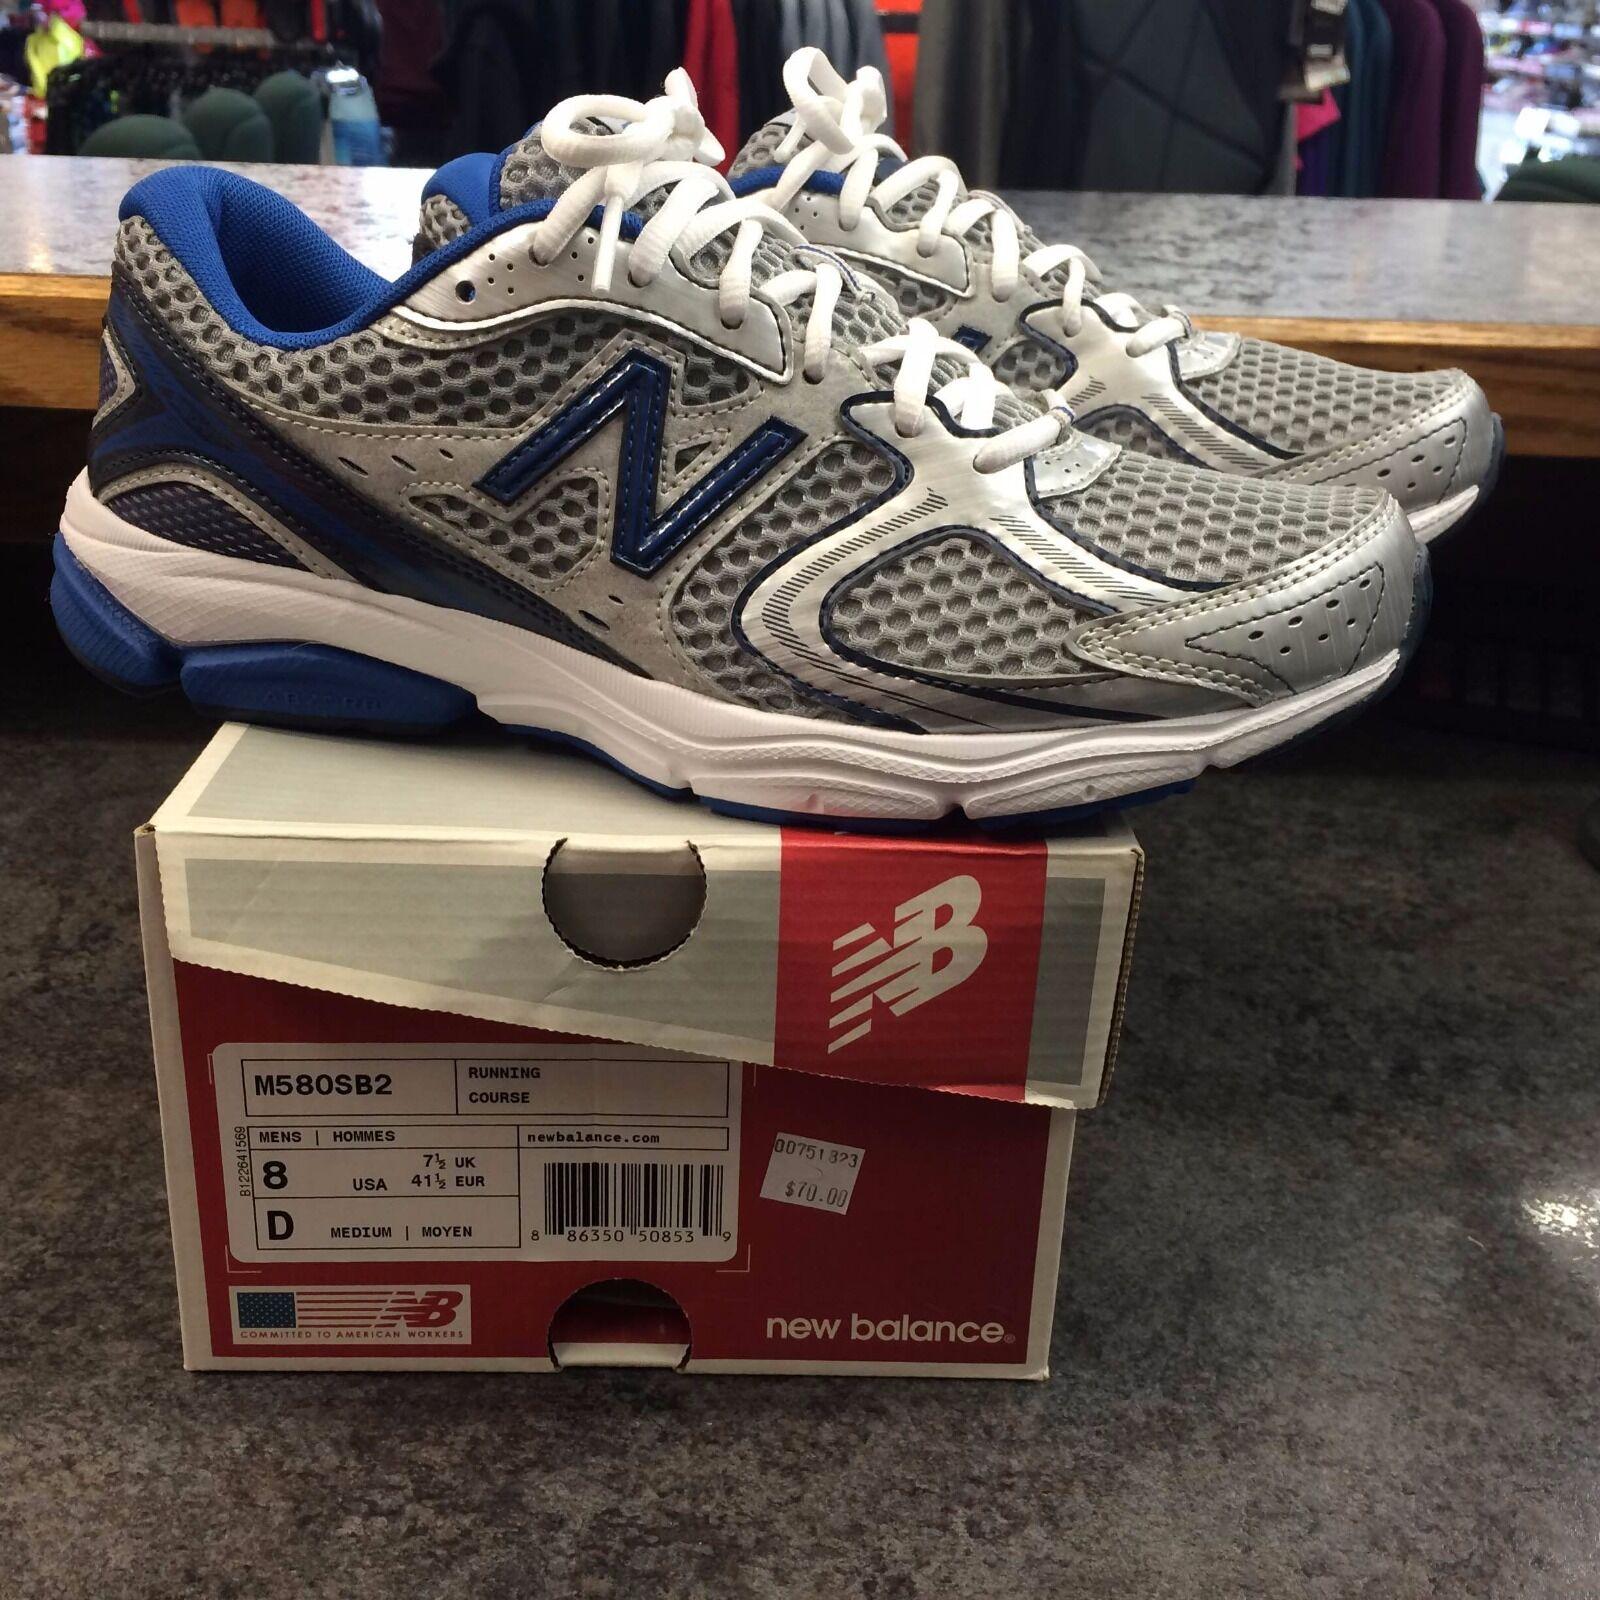 Para Hombre equilibrio Nuevo equilibrio Hombre m580sb2 Zapatos Running Zapatos m580sb2 252238